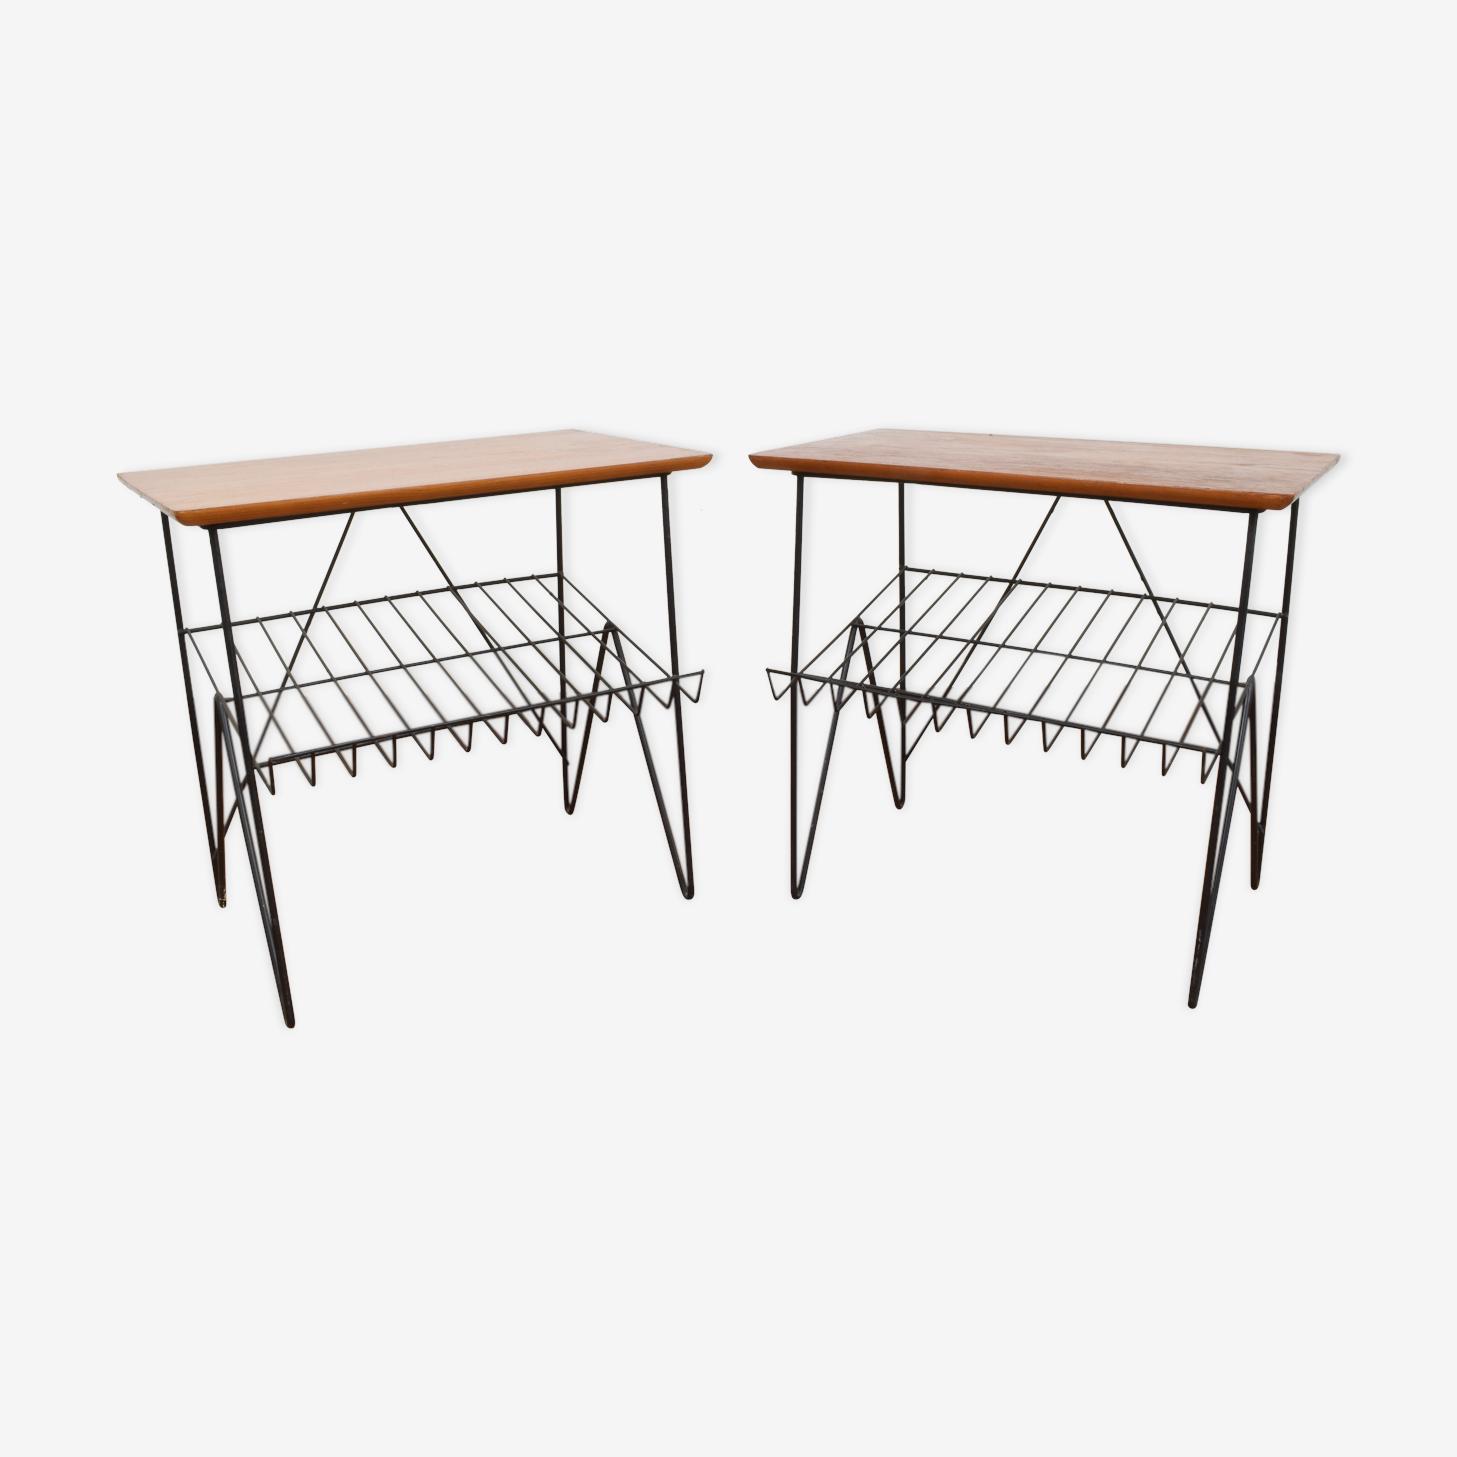 Tables avec porte-revues années 1960